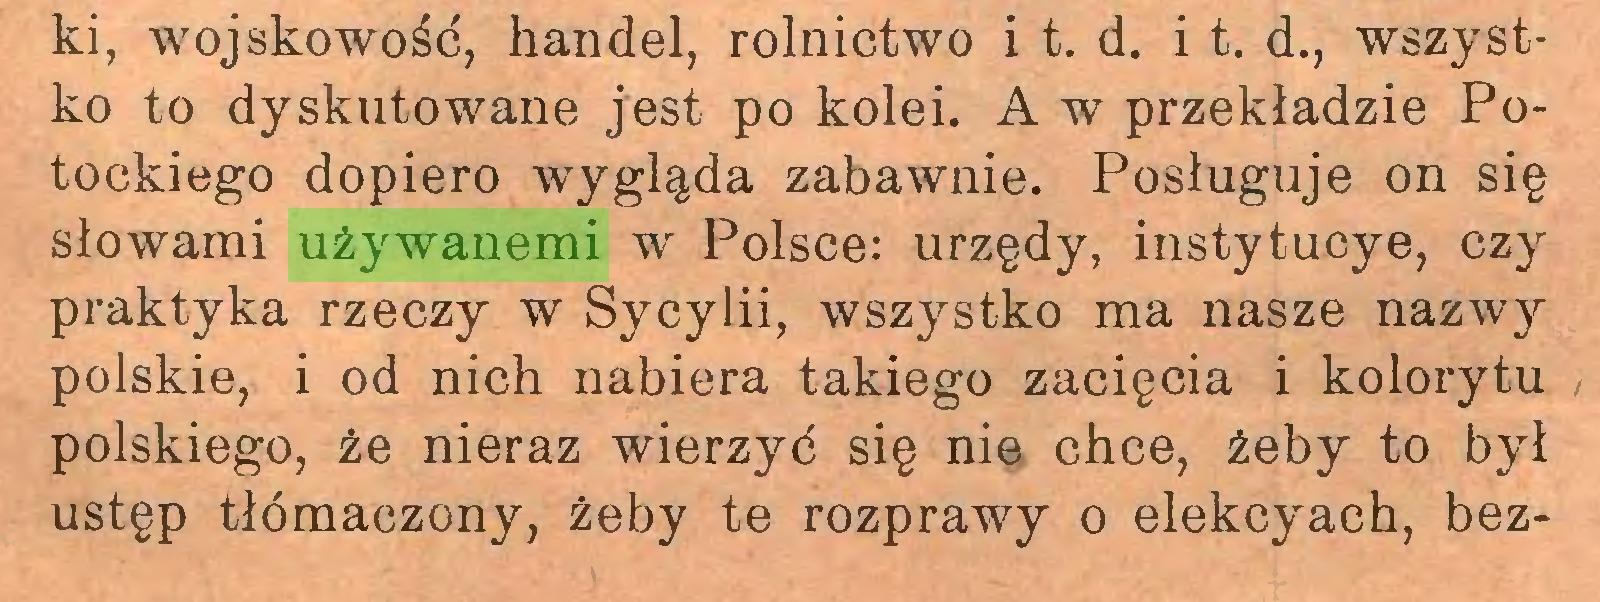 (...) ki, wojskowość, handel, rolnictwo i t. d. i t. d., wszystko to dyskutowane jest po kolei. A w przekładzie Potockiego dopiero wygląda zabawnie. Posługuje on się słowami używanemi w Polsce: urzędy, instytucye, czy praktyka rzeczy w Sycylii, wszystko ma nasze nazwy polskie, i od nich nabiera takiego zacięcia i kolorytu polskiego, że nieraz wierzyć się nie chce, żeby to był ustęp tłómaczony, żeby te rozprawy o elekcyach, bez...